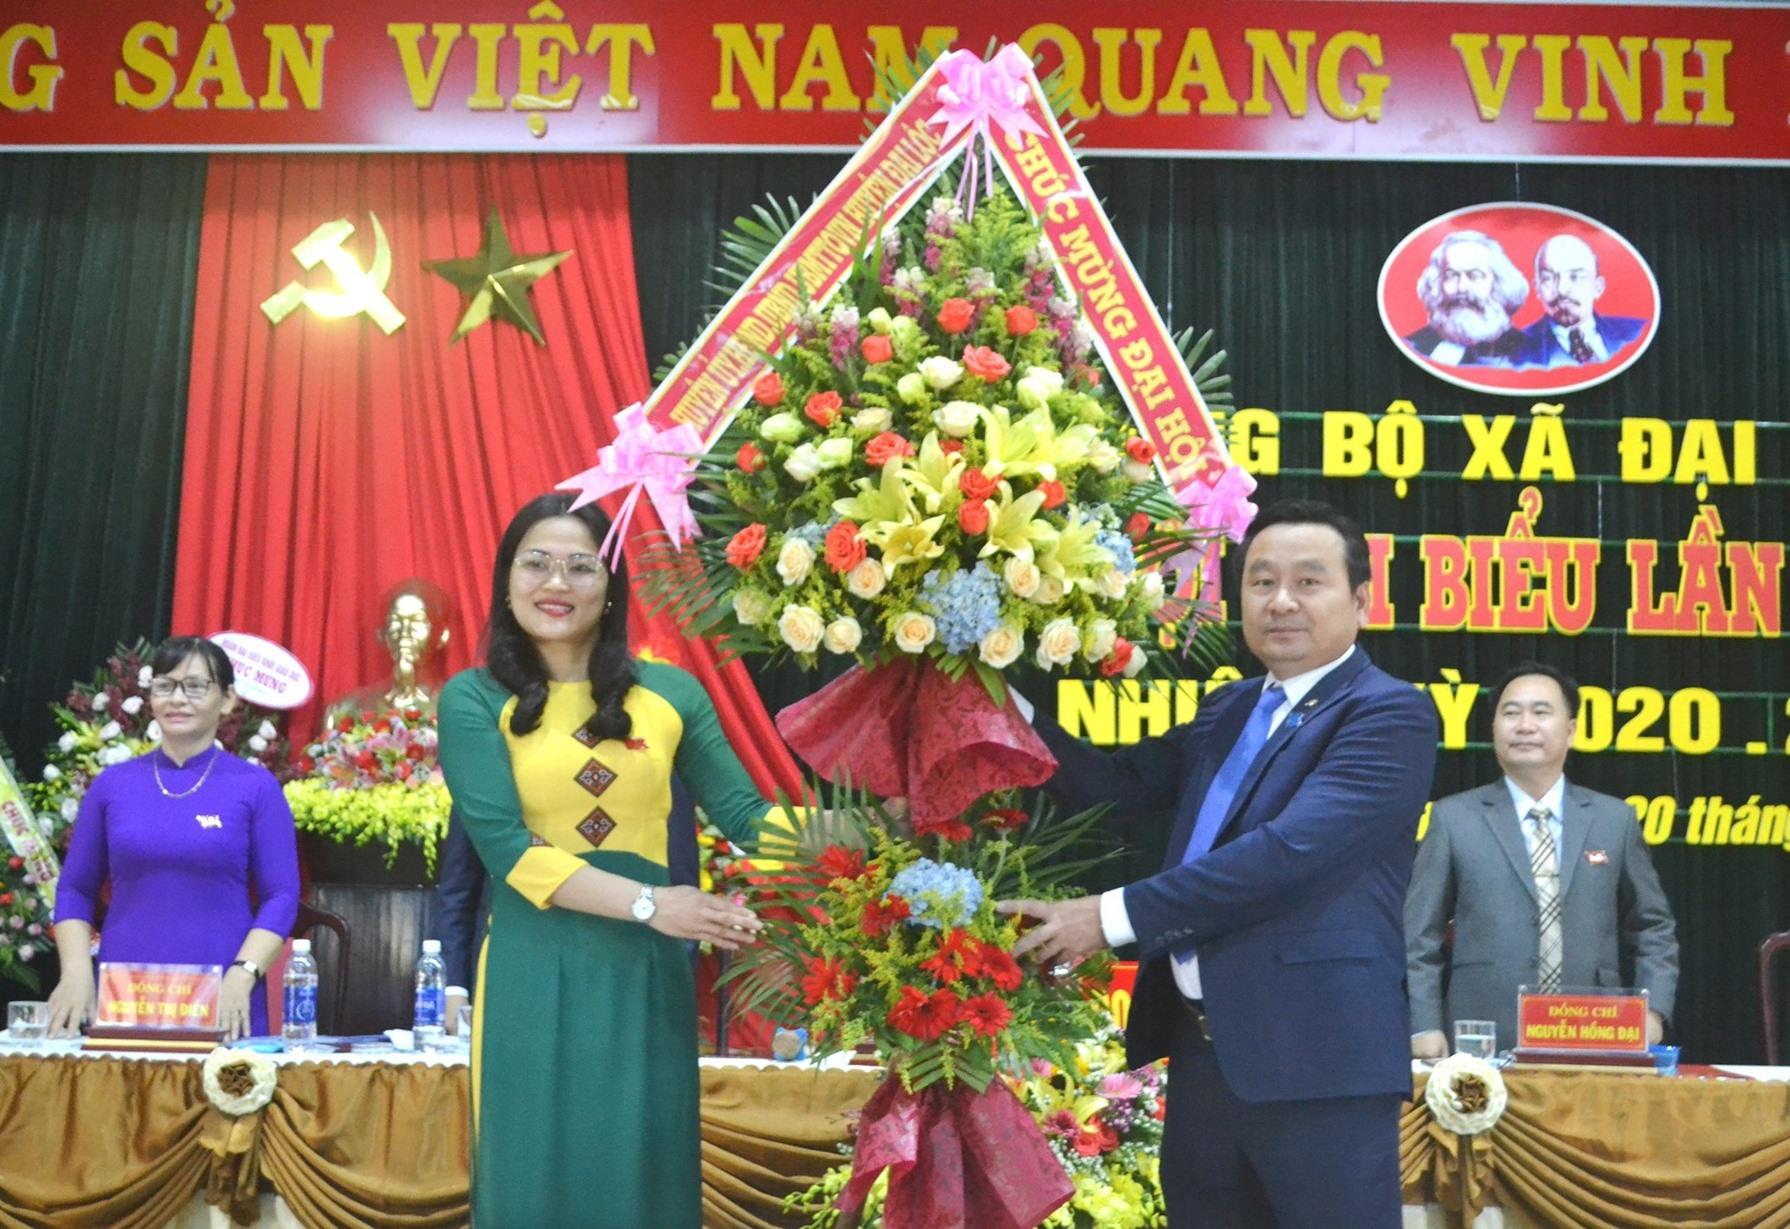 Bí thư Huyện ủy Đại Lộc - ông Nguyễn Công Thanh tặng hoa chúc mừng đại hội. Ảnh: CT